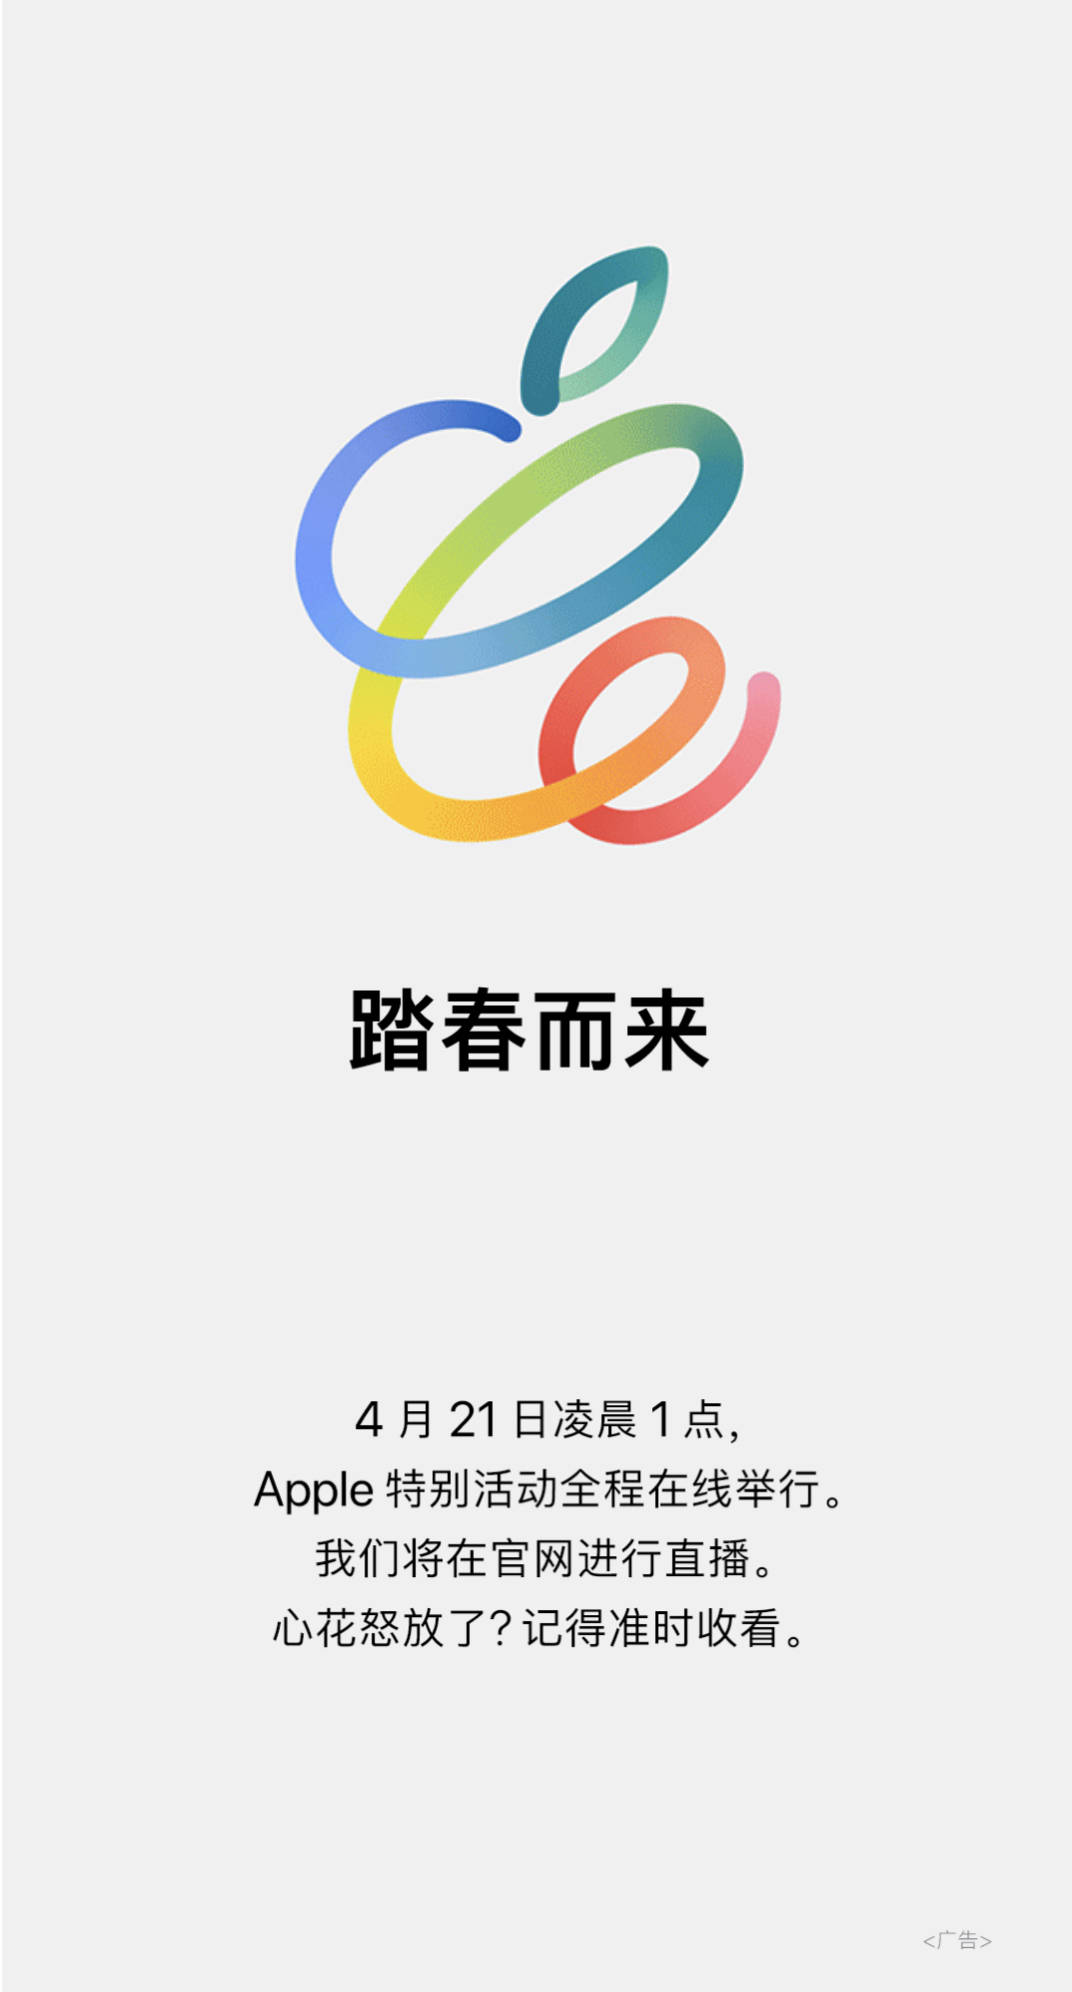 苹果官宣春季发布会时间:4月21日凌晨在线直播